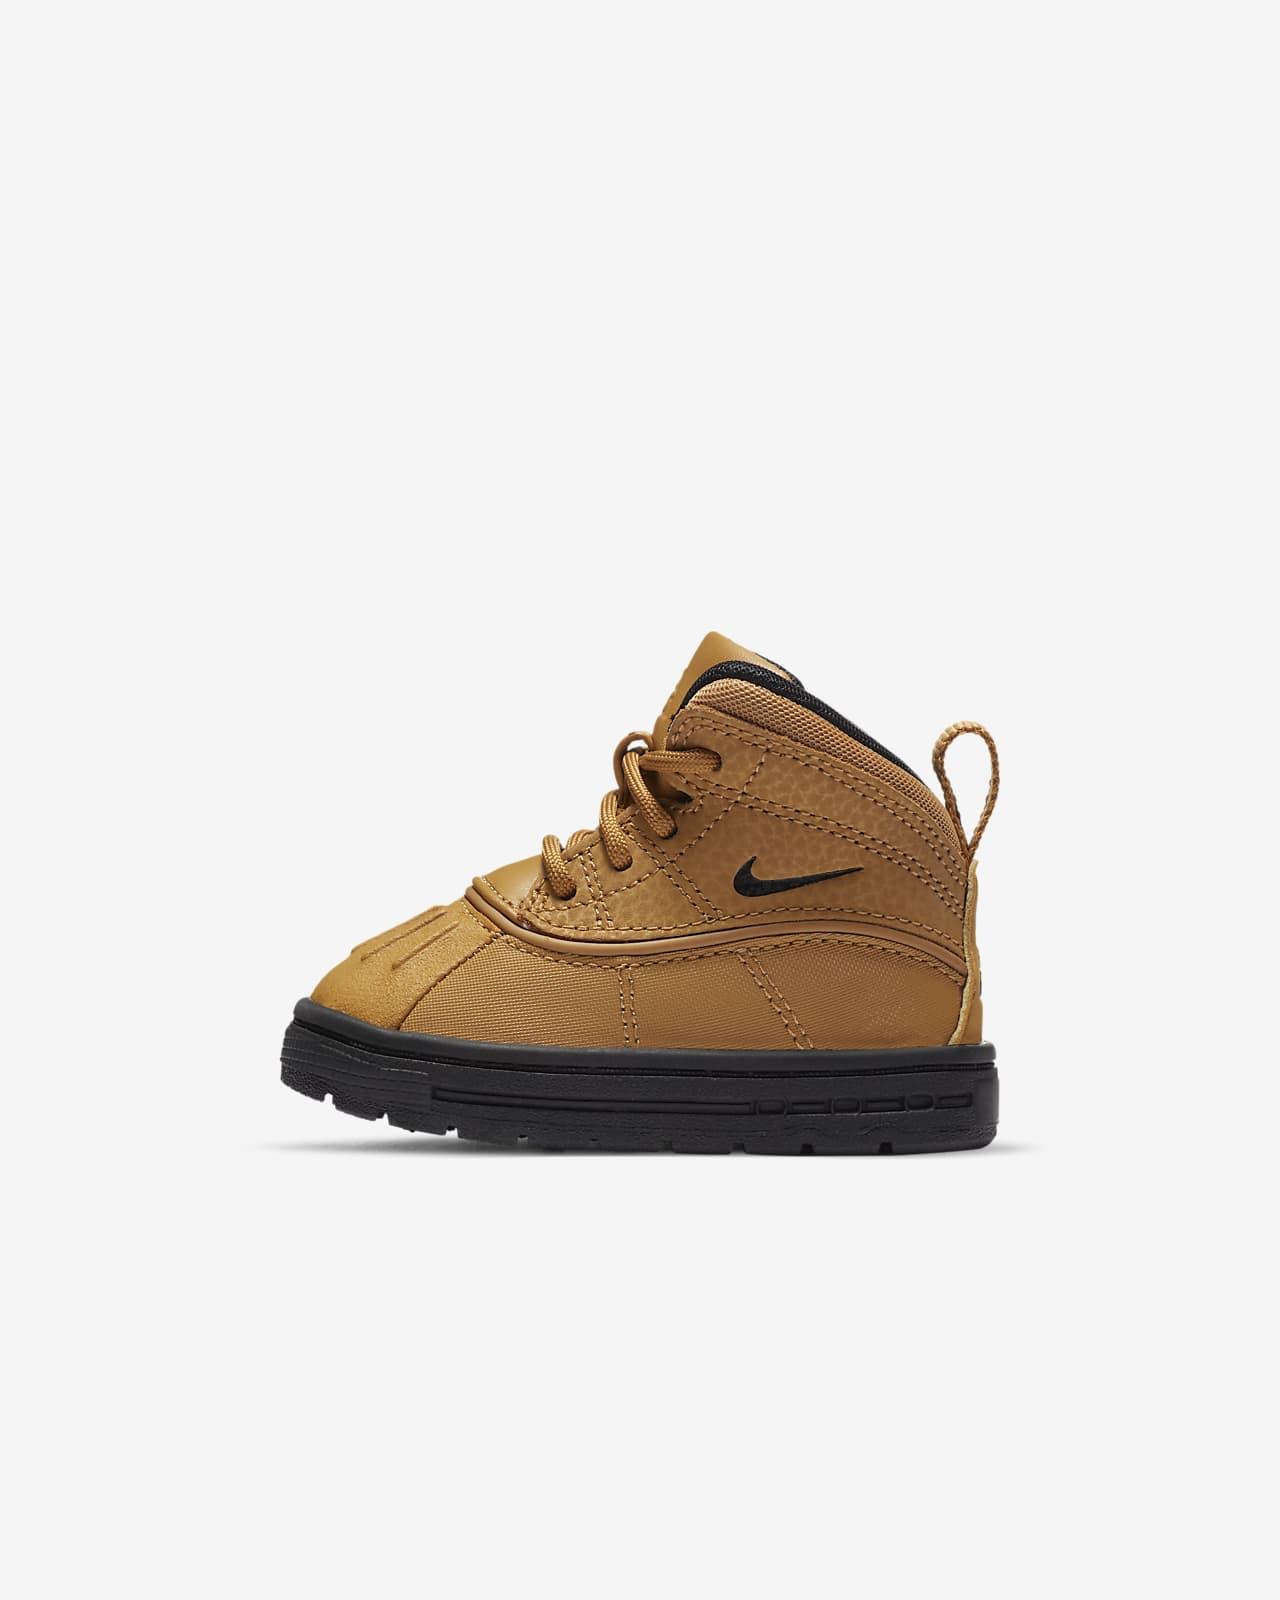 Nike Woodside 2 High ACG Toddler Boot